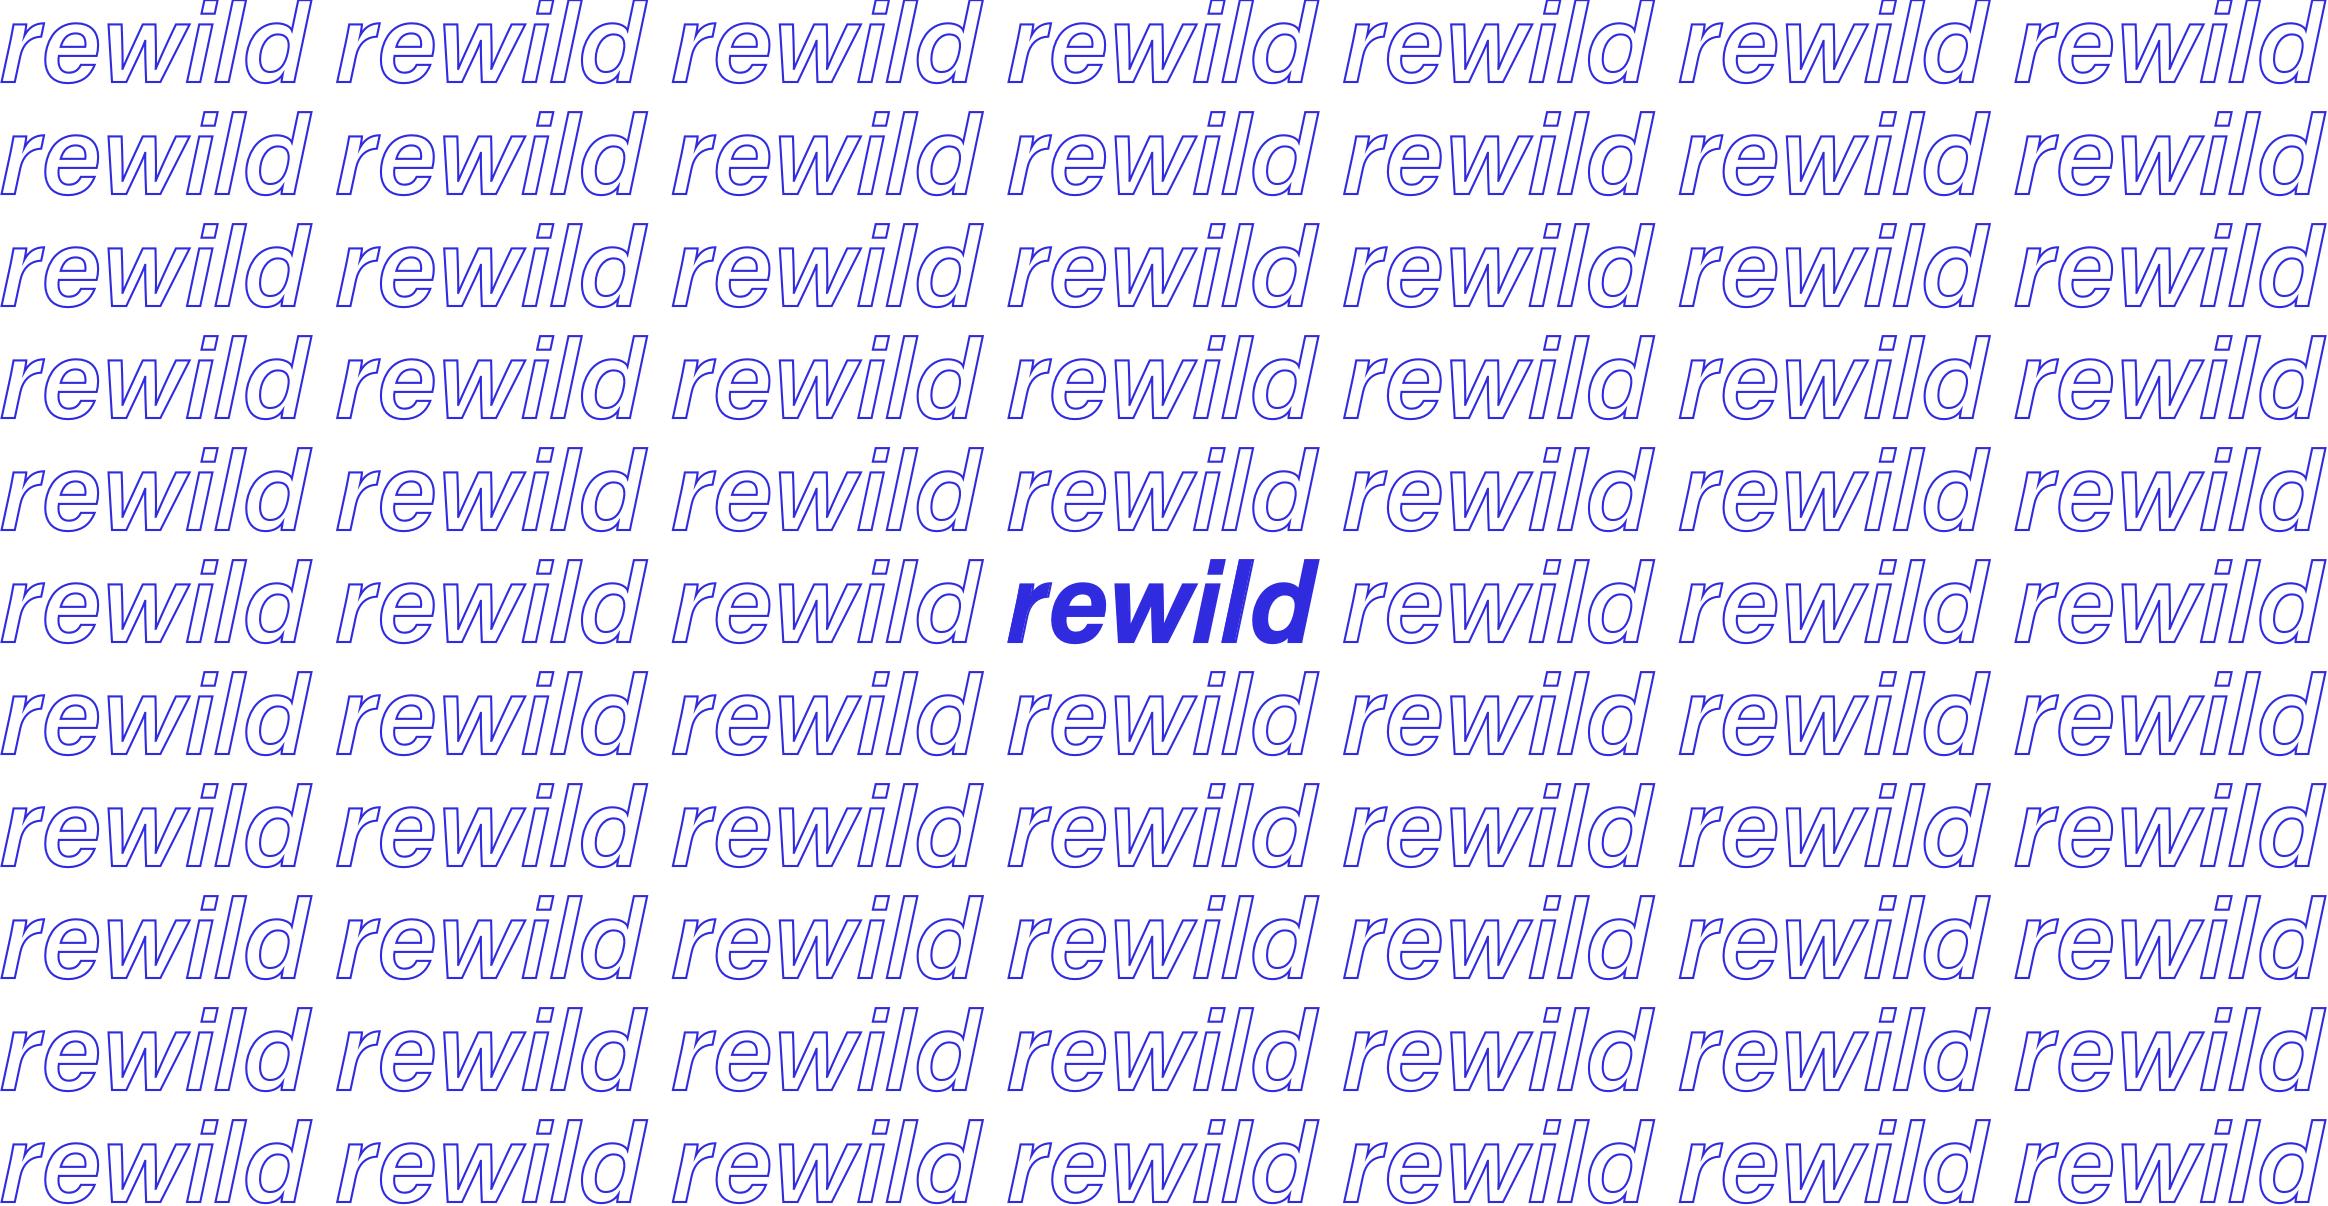 rewildheader